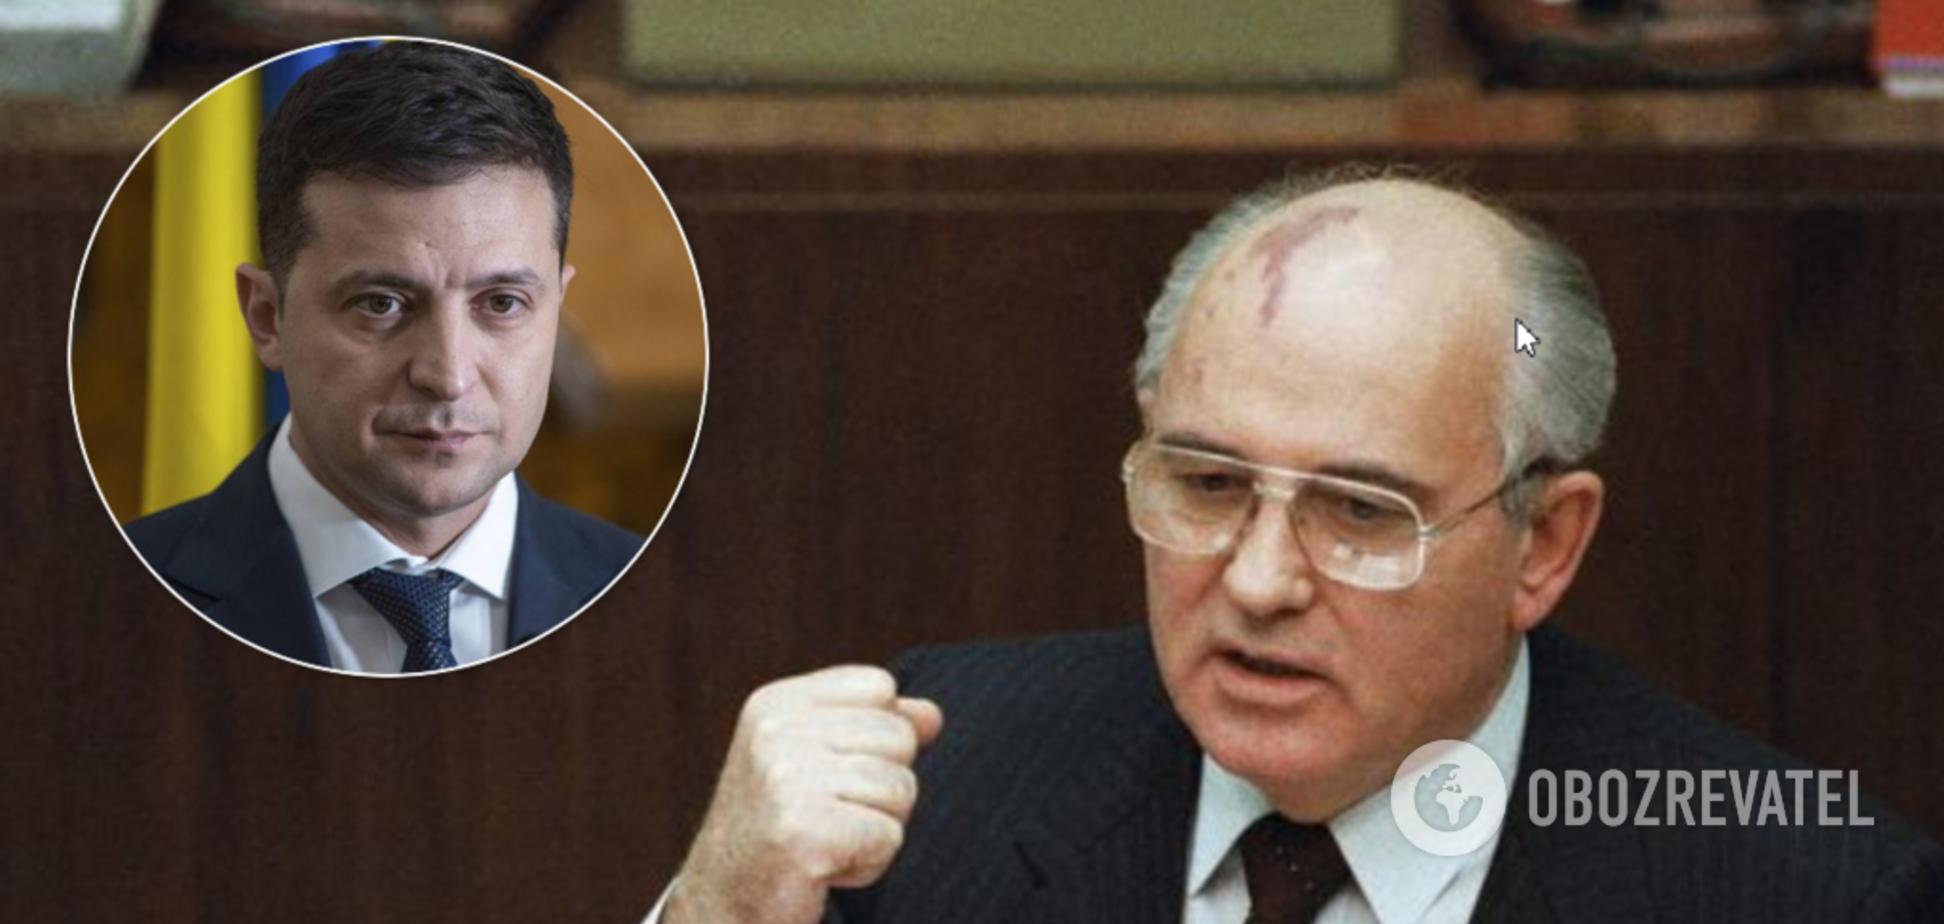 Горбачов розлютився на Зеленського через слова про СРСР і війну: суперечка посилилася